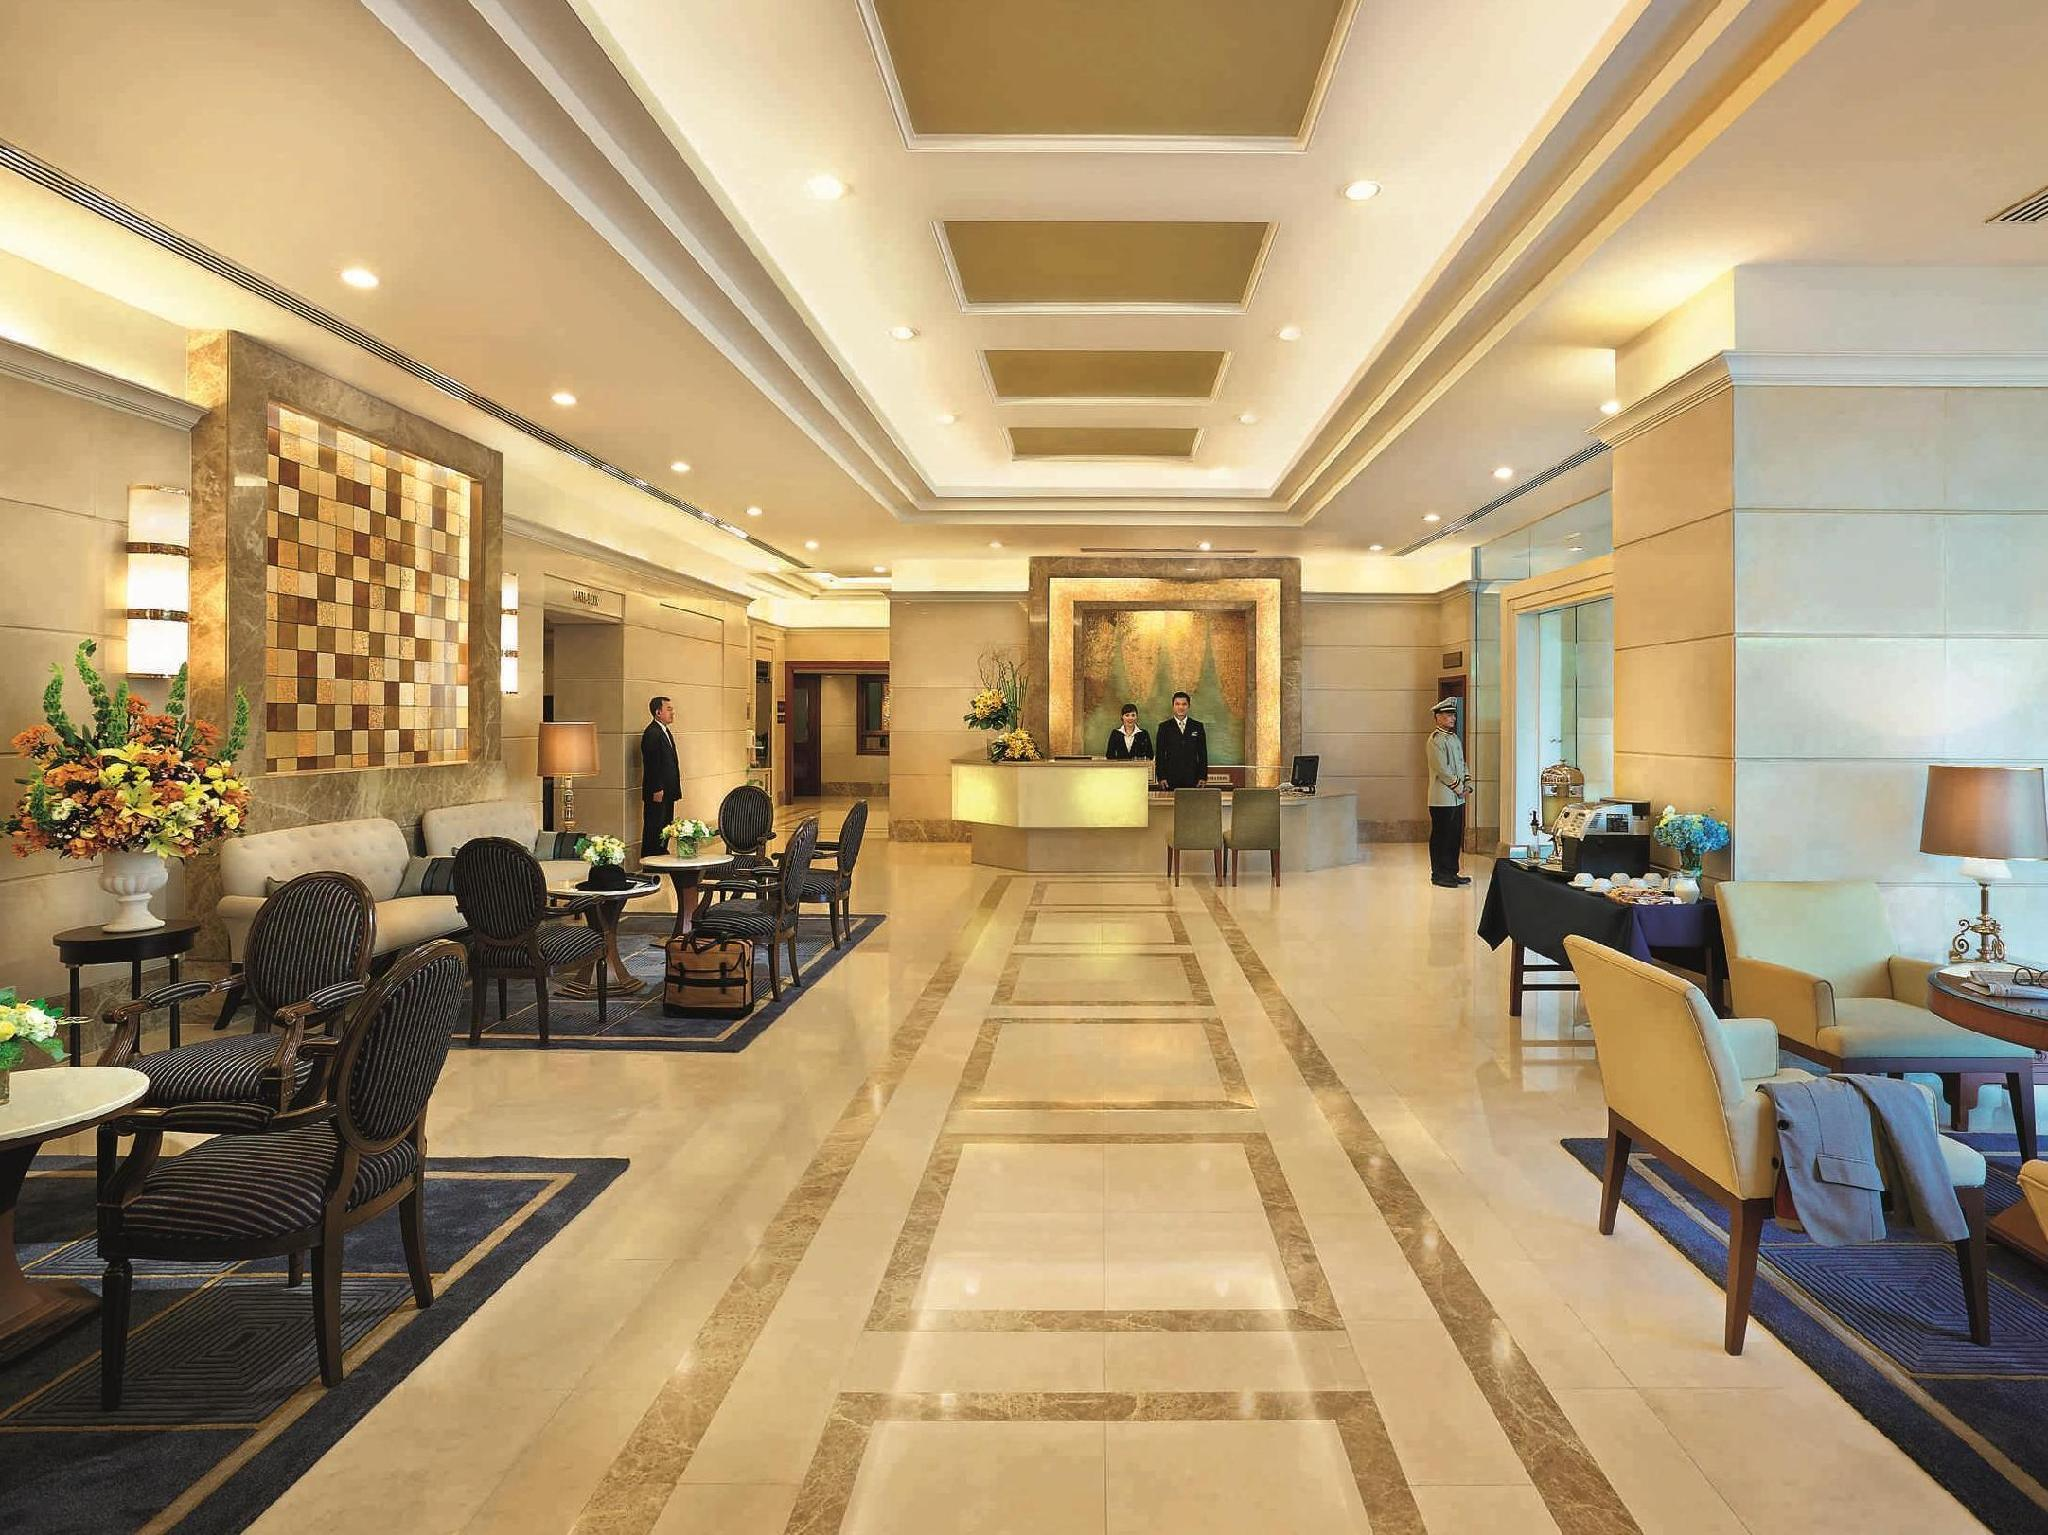 โรงแรม เซนเตอร์ พอยต์ สุขุมวิท10